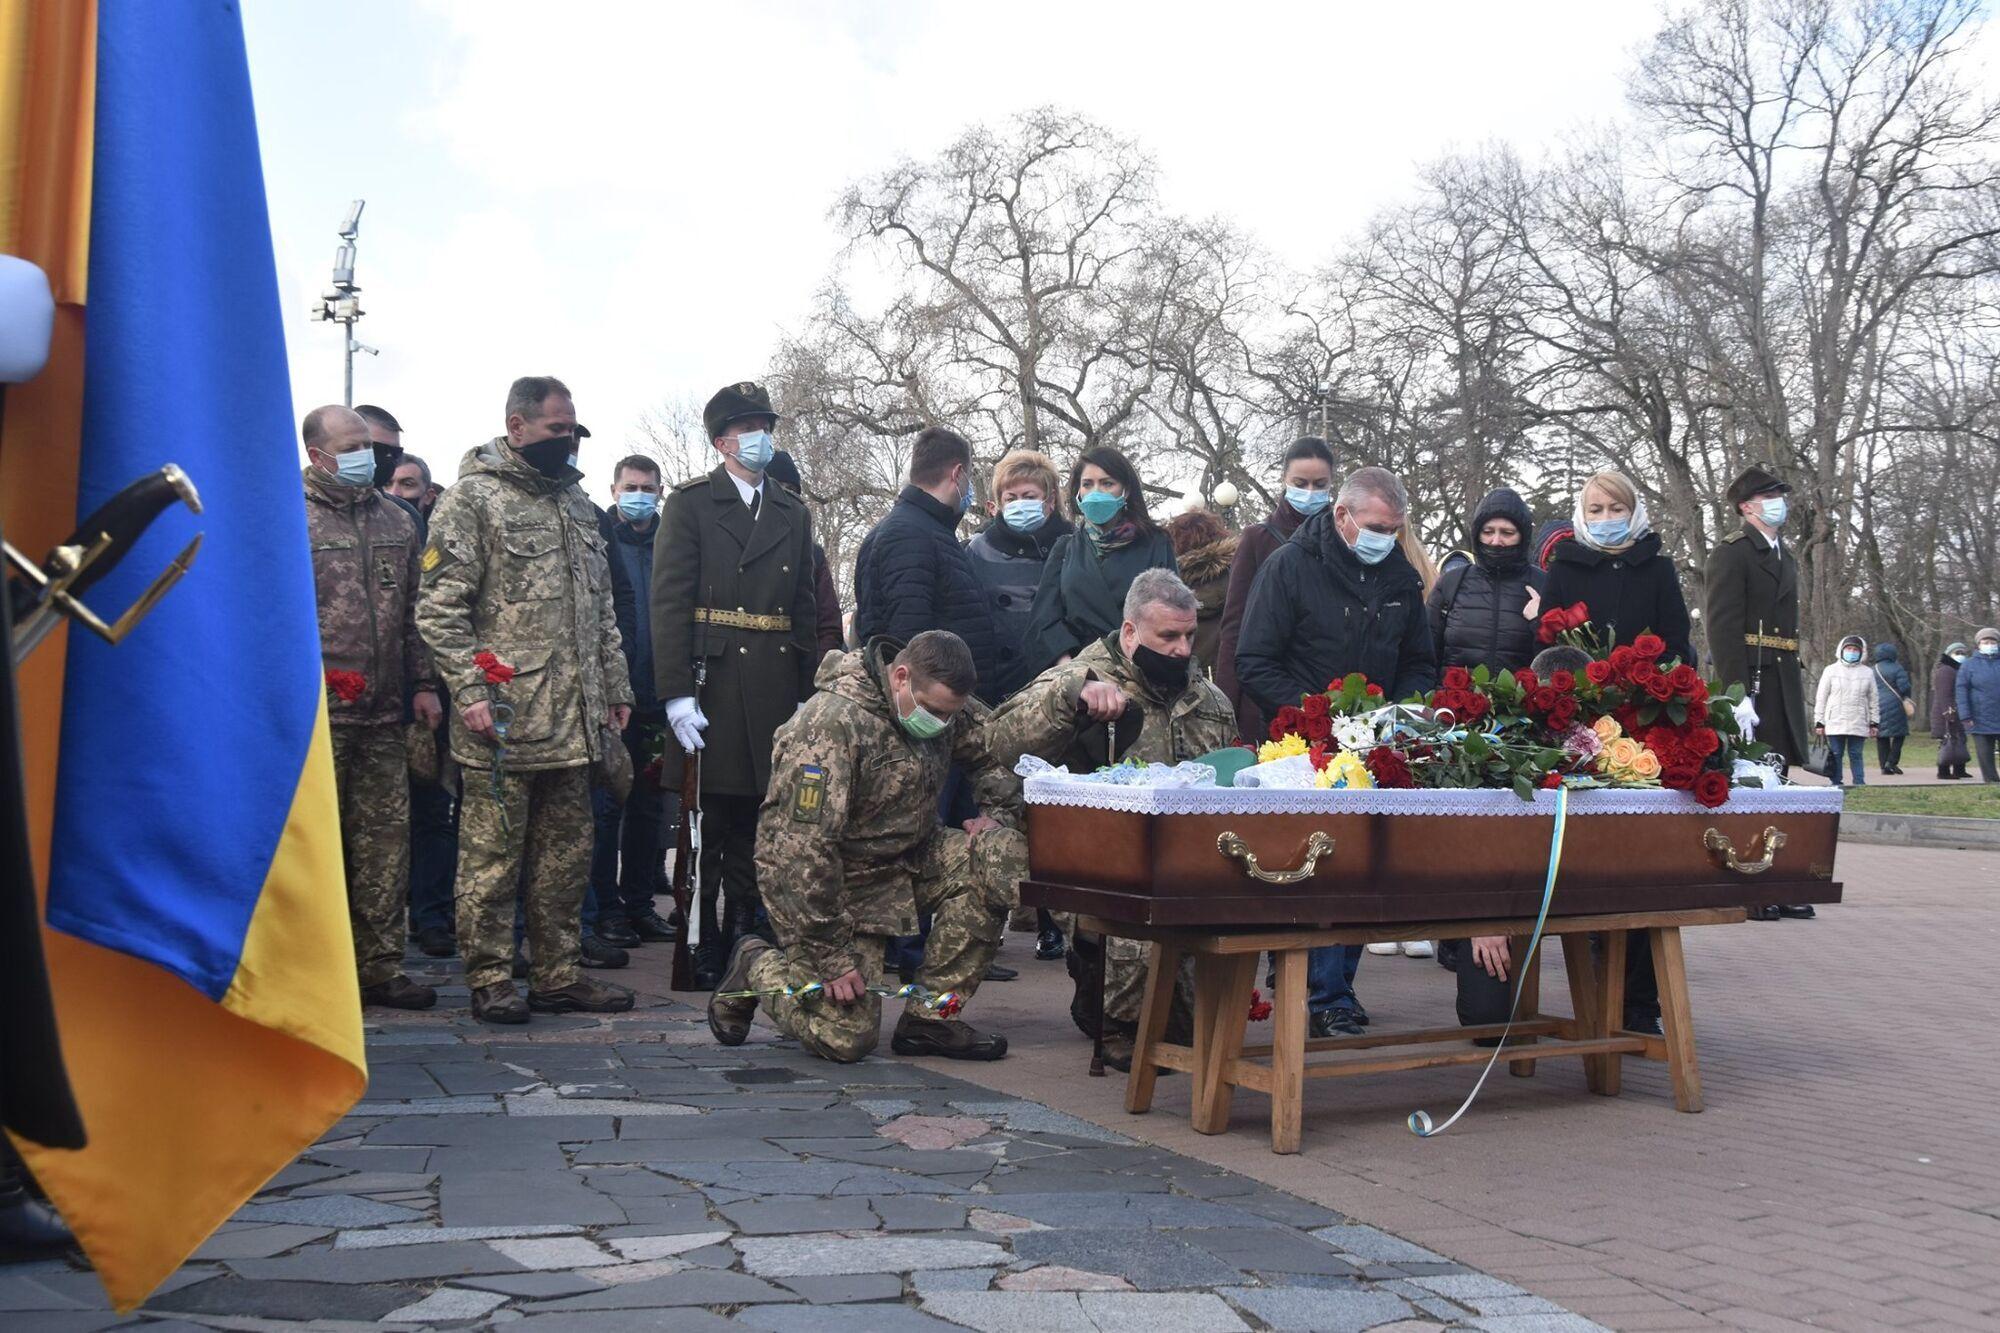 Побратими віддали останню шану старшому лейтенанту Володимиру Шпаку